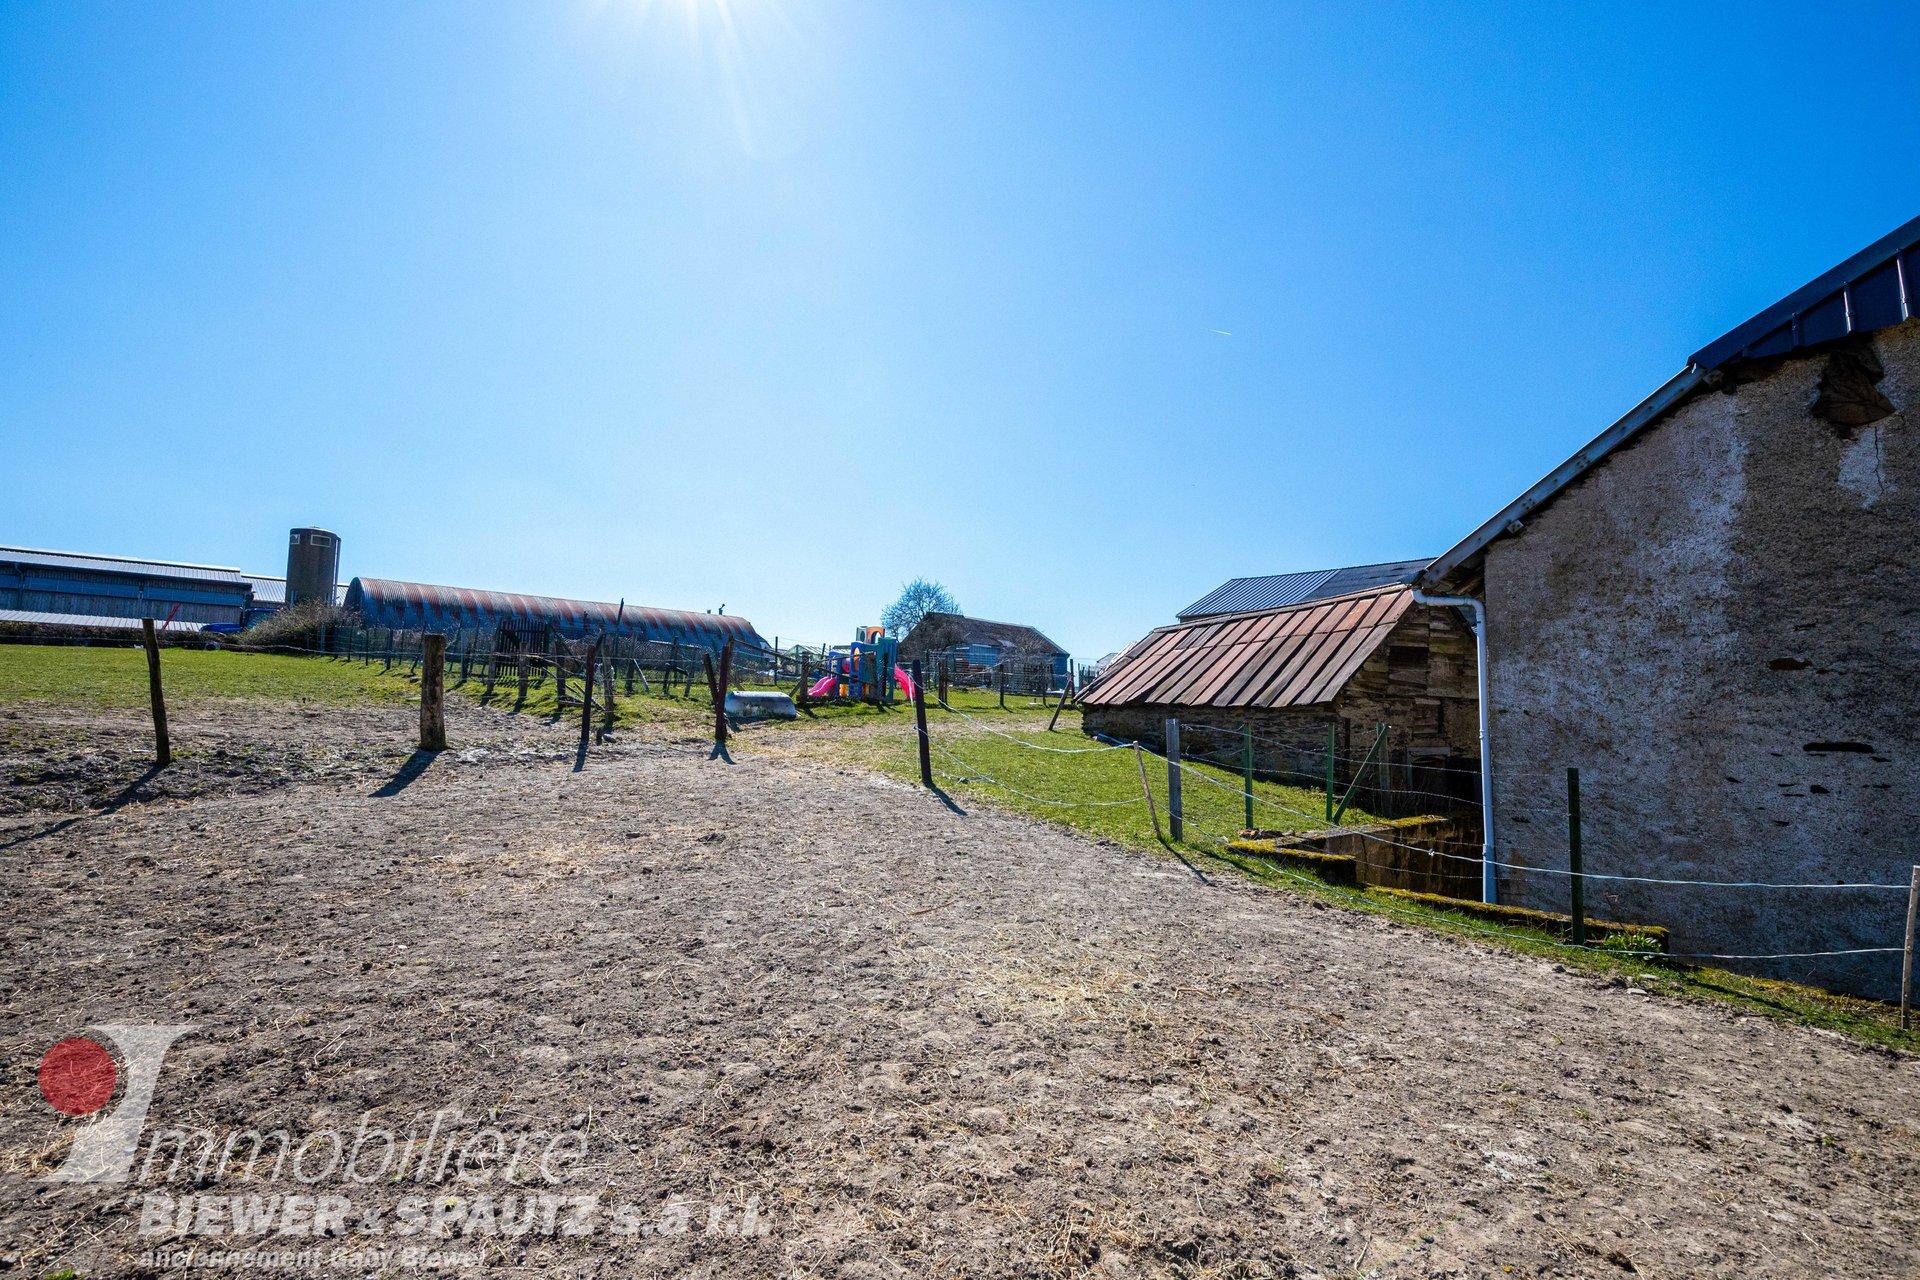 UNTER VORVERKAUFSVERTRAG - alter, renovierungsbedürftiger Bauernhof in Holtz